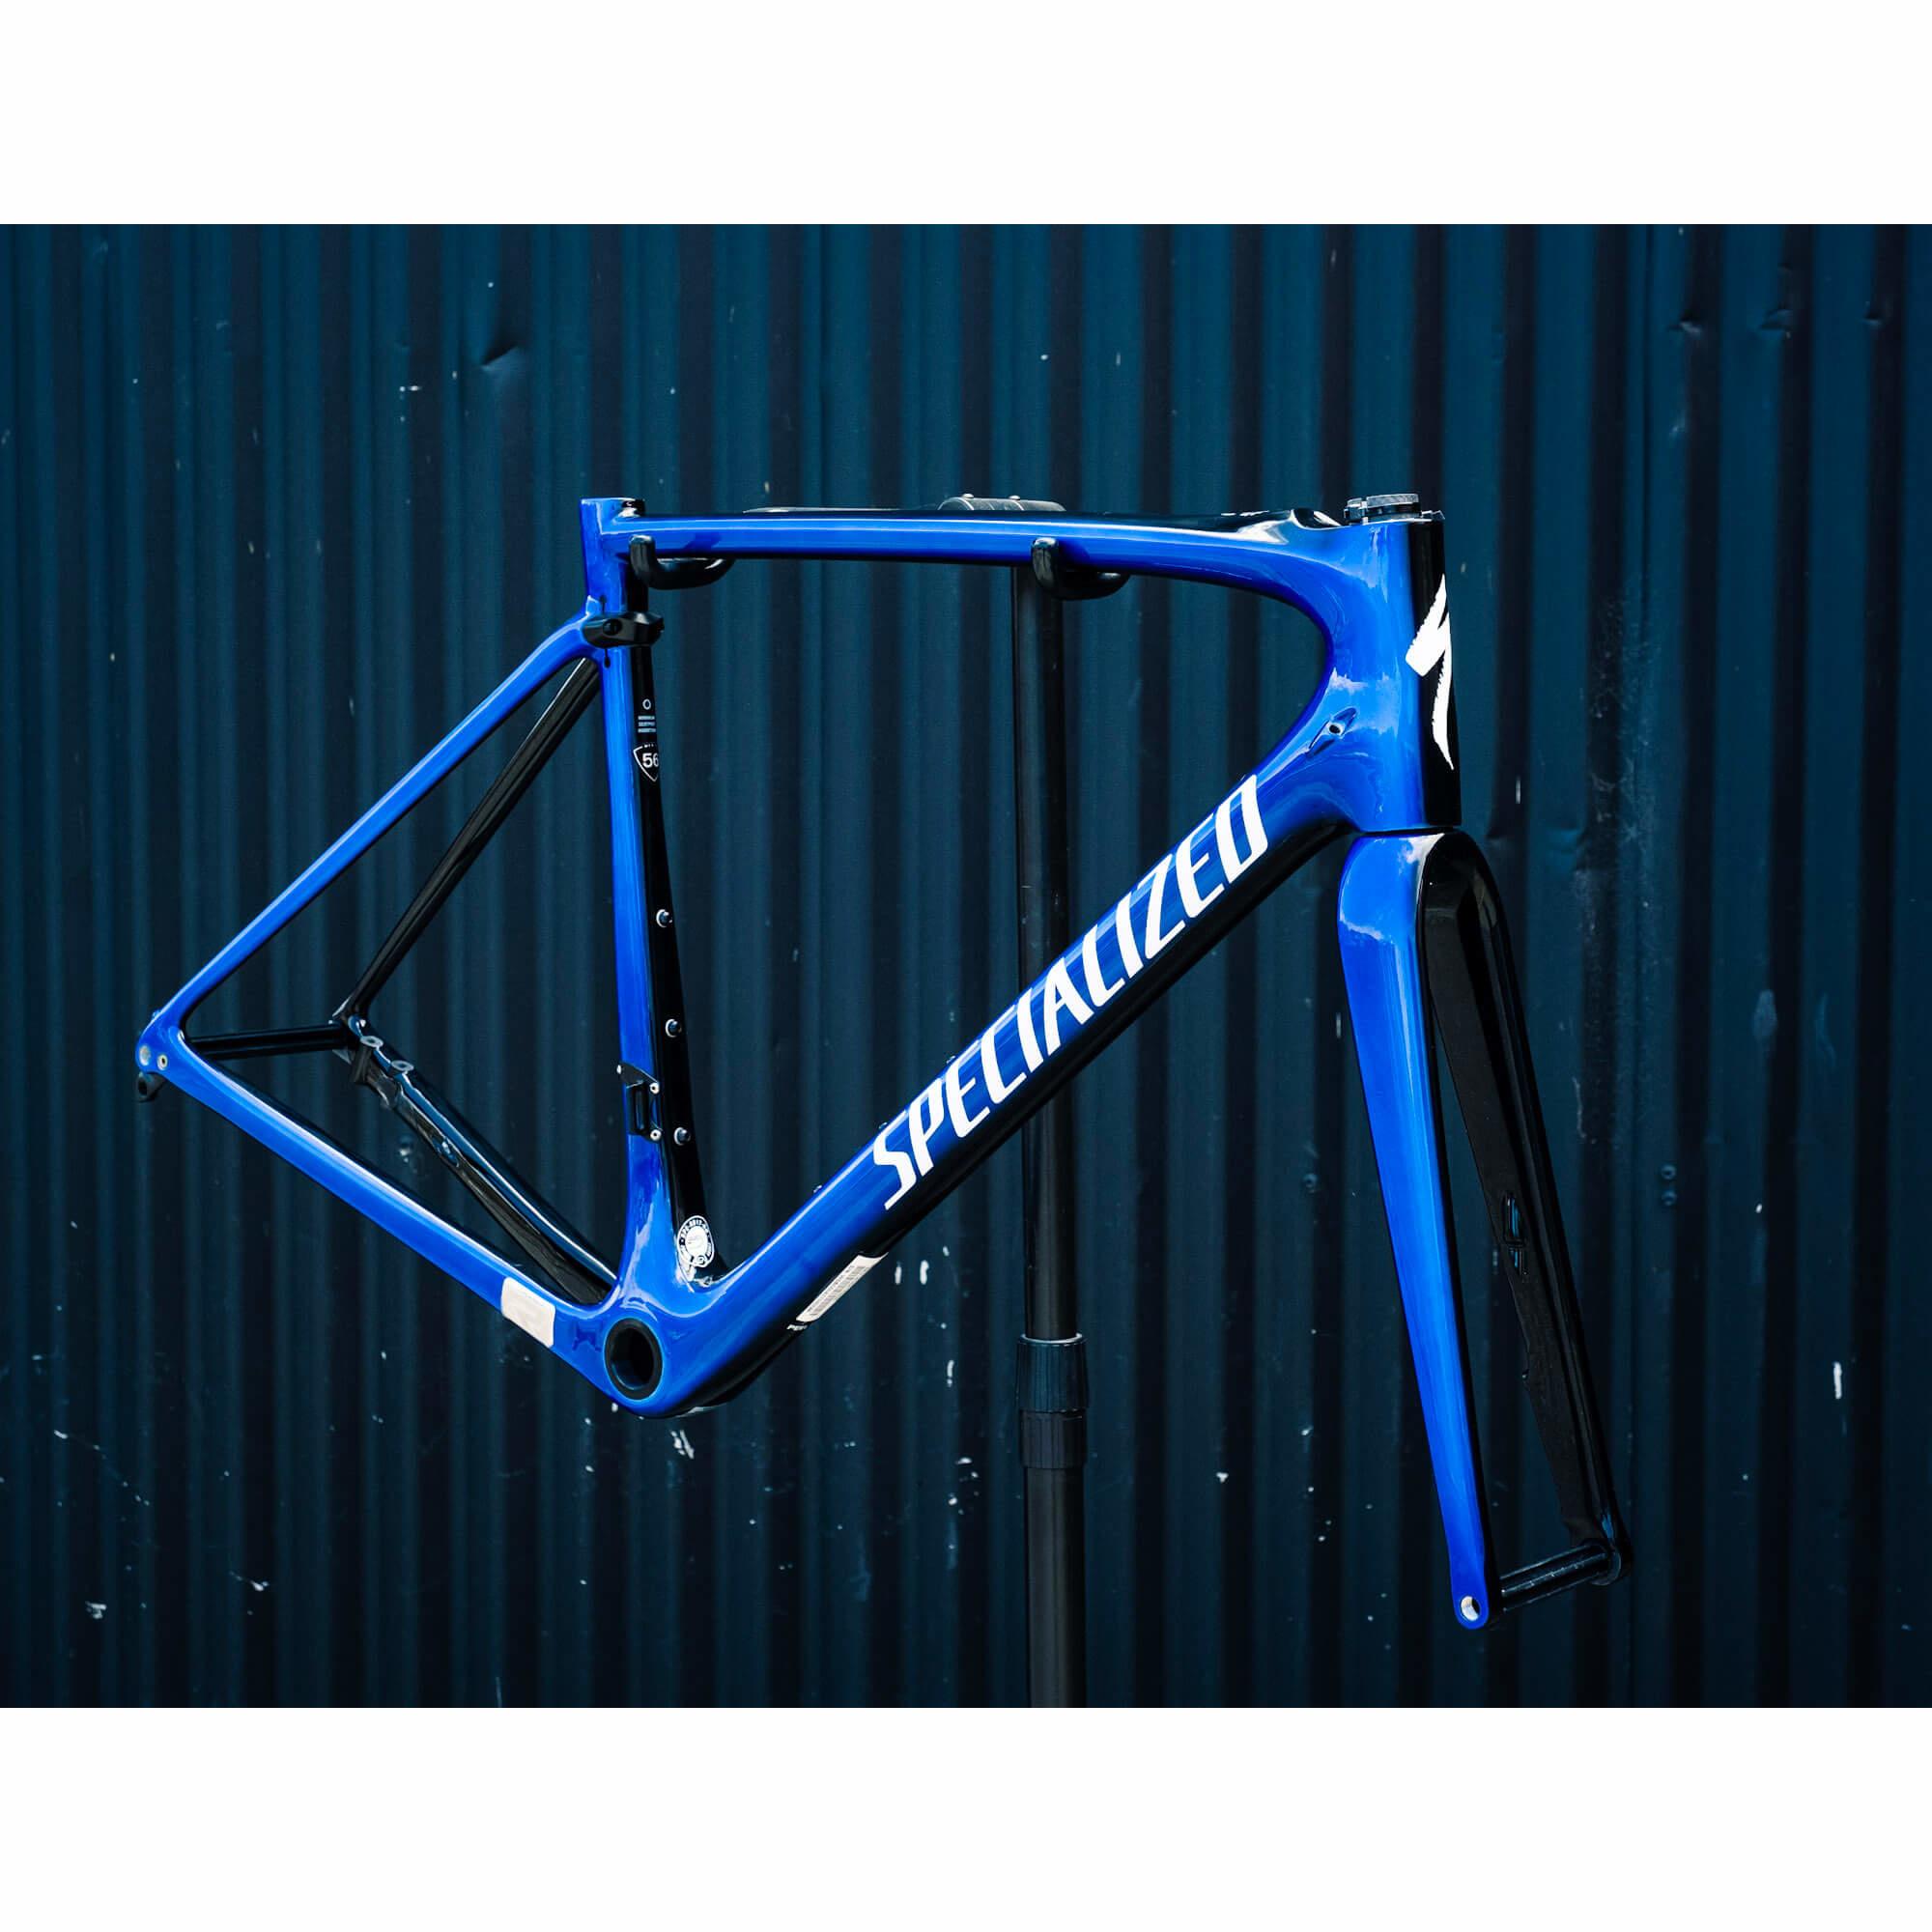 Roubaix Comp Frame Acblu/Tarblk 56cm 2017-1